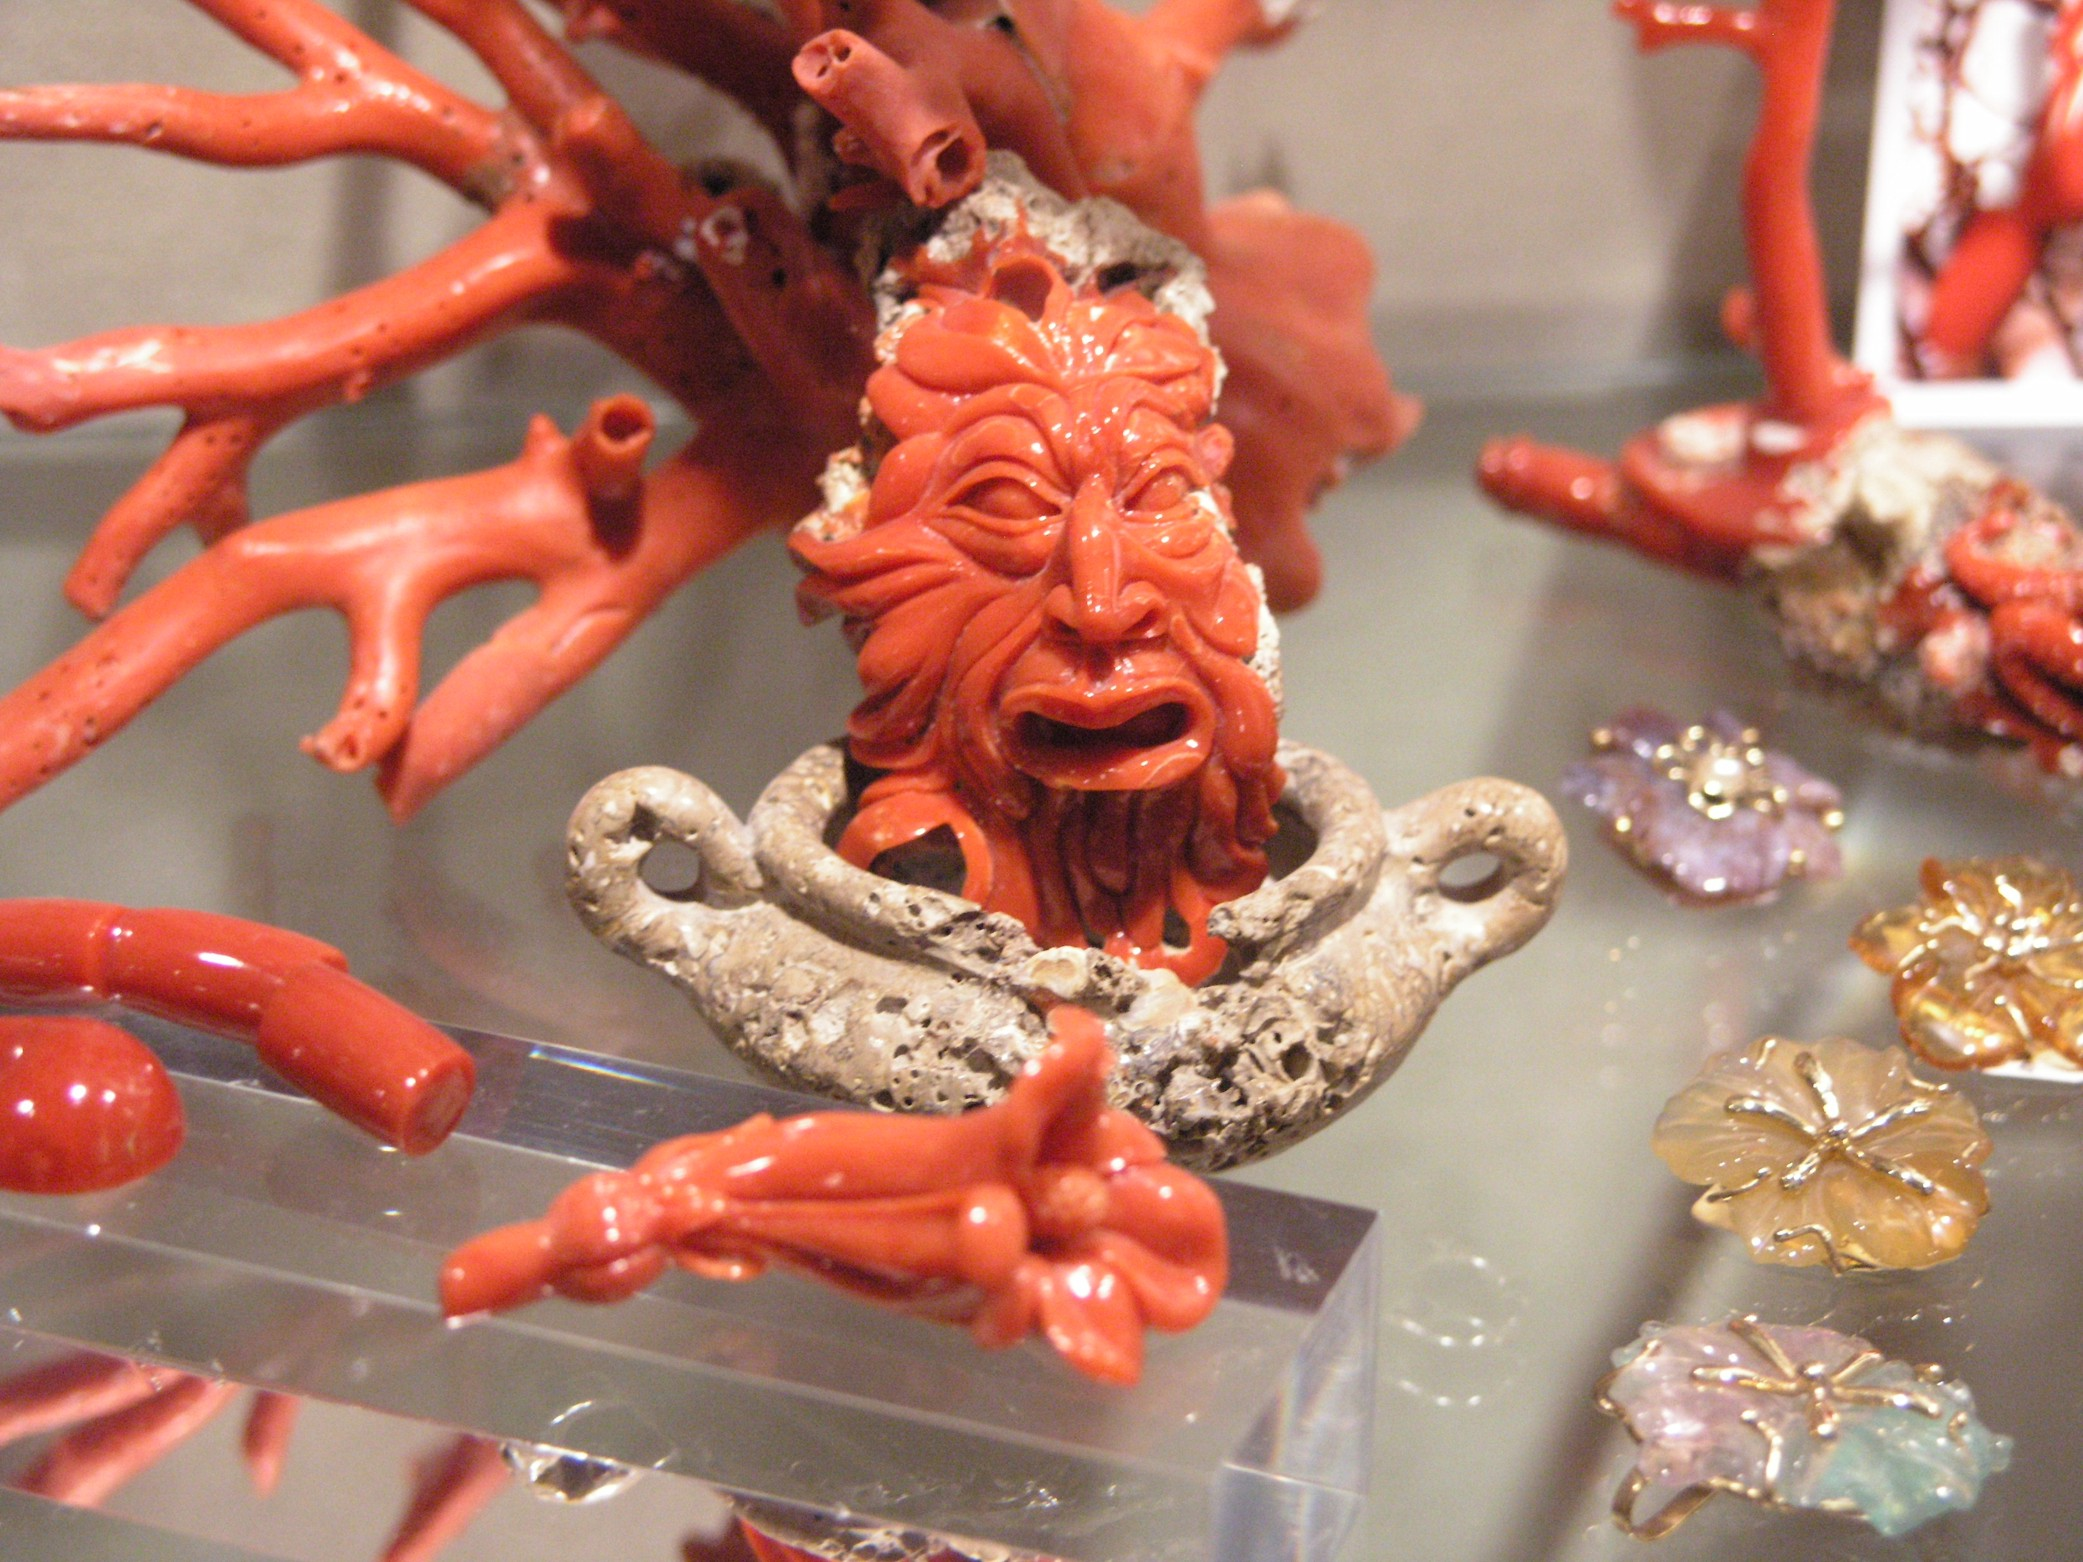 File:Corallo rosso - lavorazione artistica - Alghero Sardinia.jpg -  Wikimedia Commons